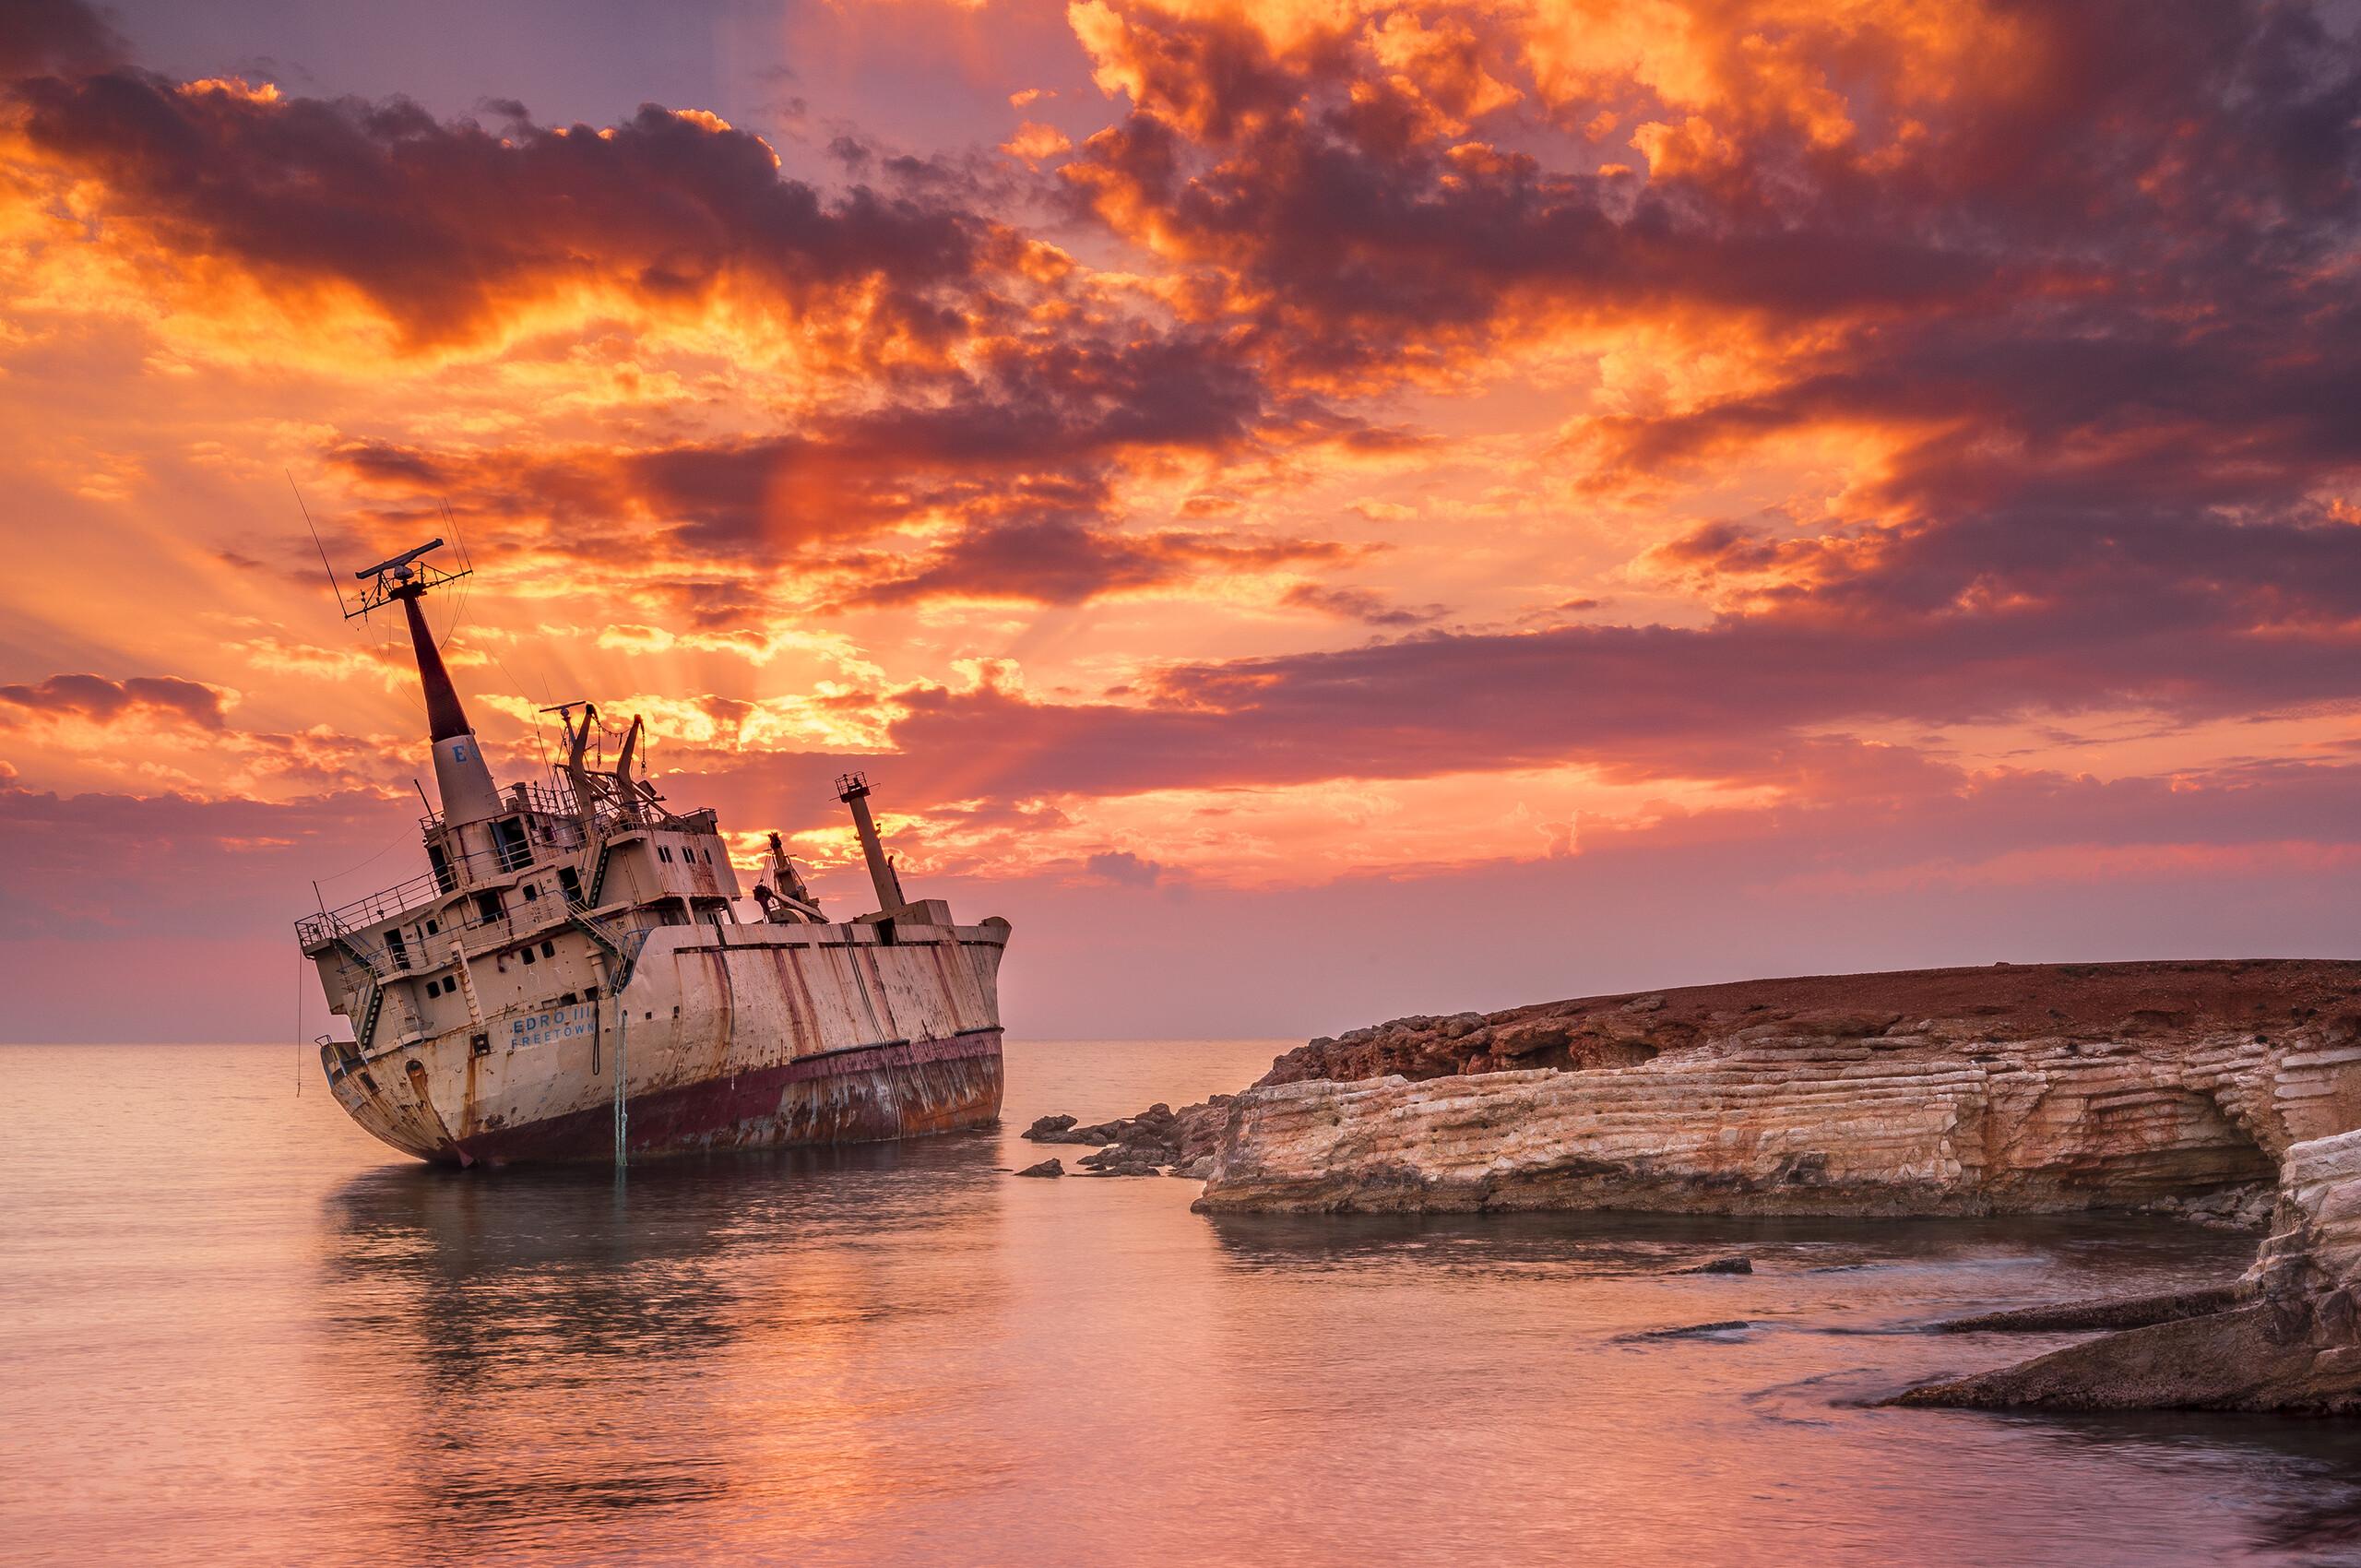 wrecked-ship-4k-rt.jpg